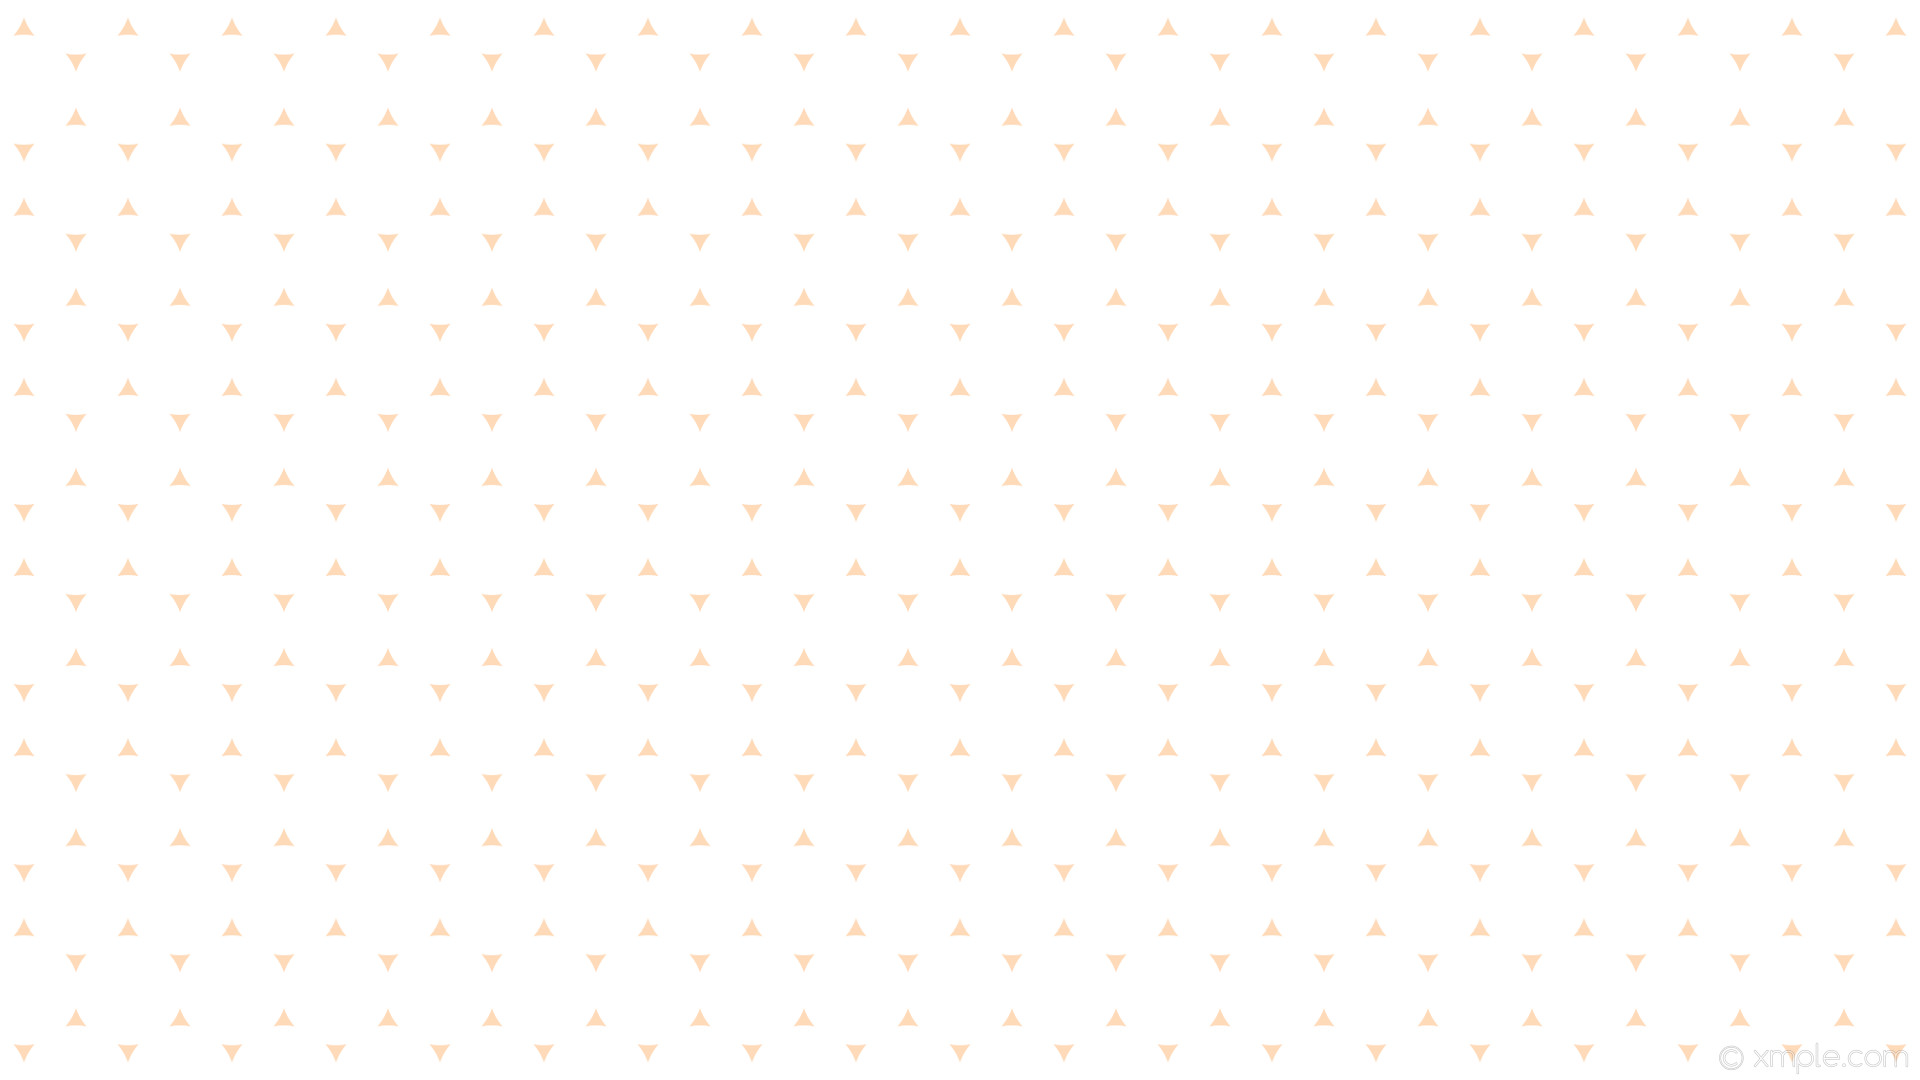 wallpaper yellow white polka dots hexagon peach puff #ffdab9 #ffffff 0°  110px 104px